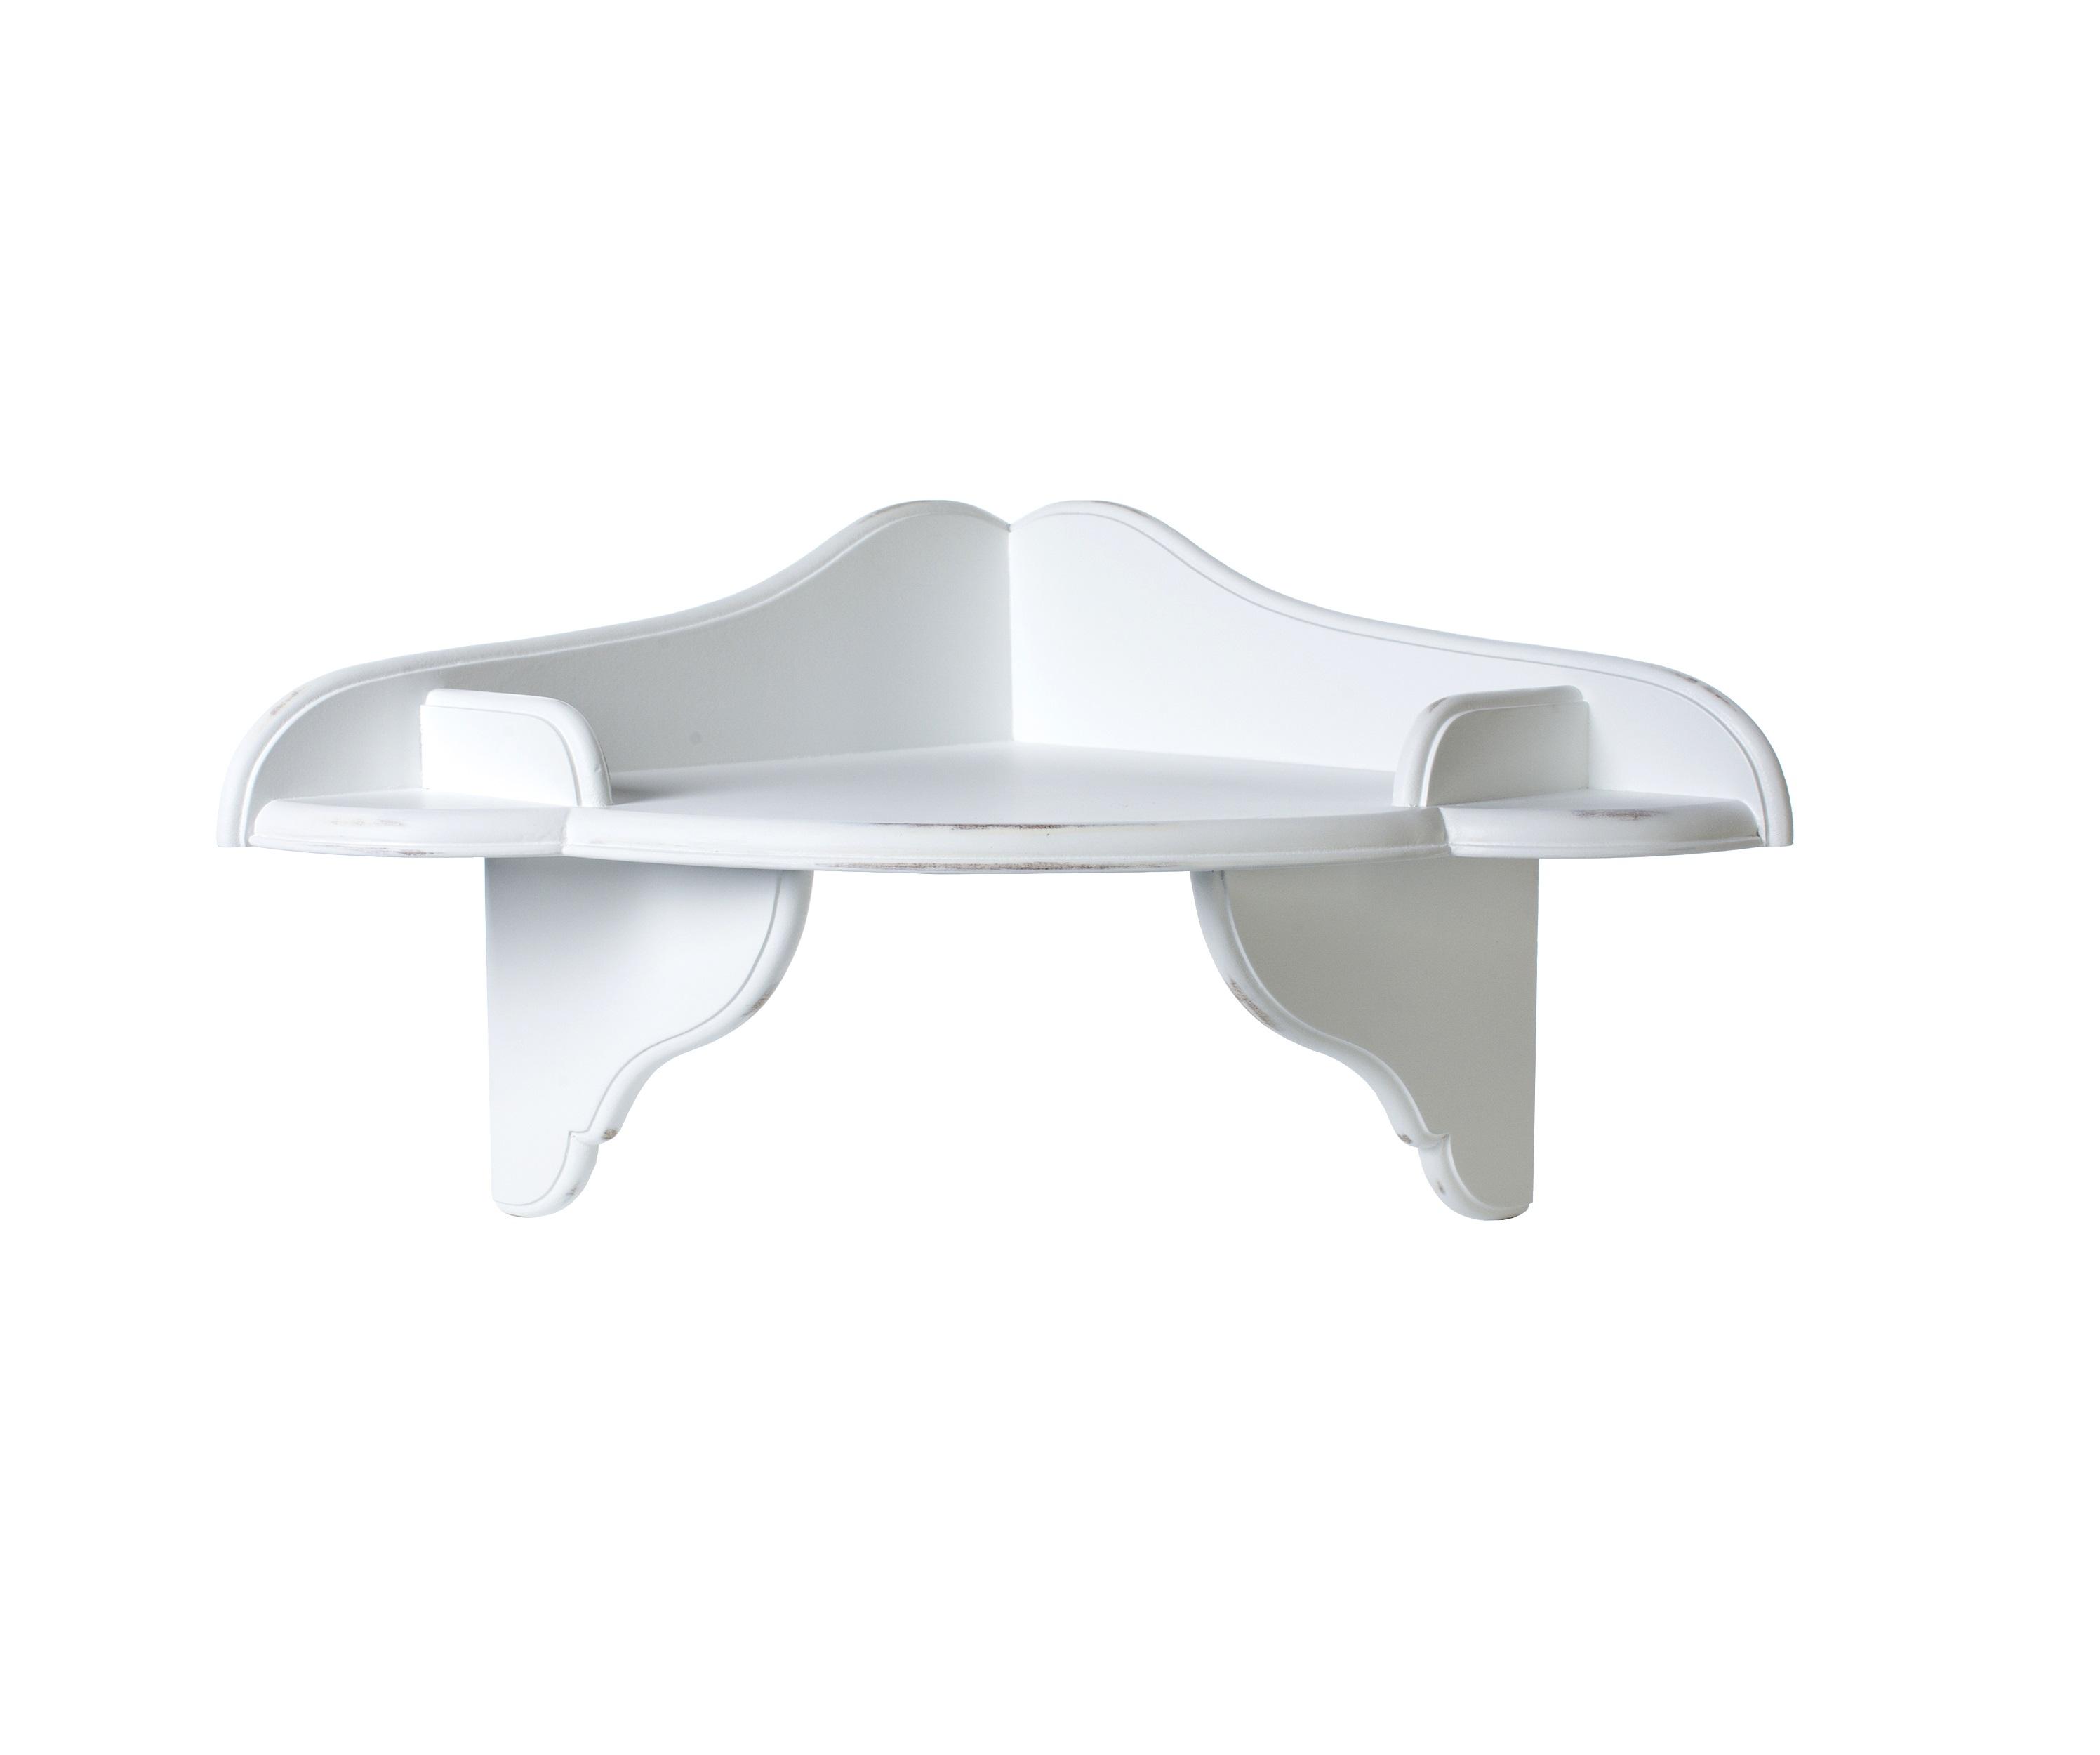 Полочка угловая декоративная Снежный ПровансПолки<br>Белая мебель Прованс для гостиной, спальни, столовой, кабинета отлично впишется в Ваш загородный дом. Белая высококачественная мебель &amp;quot;Снежный Прованс&amp;quot; также может послужить в качестве обстановки детской комнаты подростка. Это функциональная удобная мебель европейского качества. Коллекция изготовлена из массива бука (каркасы и точеные элементы мебели) и из высококачественного МДФ (филенчатые части) и соответствует немецким стандартам для детской мебели.<br>Мебель &amp;quot;Снежный Прованс&amp;quot; имеет плавные изогнутые формы и украшена потертым вручную декором в виде оливковой ветви. Полка угловая открытая белая с потертостями, выполненными вручную в стиле Прованс  Ля Нэж из массива бука, с элементами из МДФ высокого качества, водный матовый лак<br><br>Material: Бук<br>Length см: None<br>Width см: 46<br>Depth см: 46<br>Height см: 30<br>Diameter см: 44